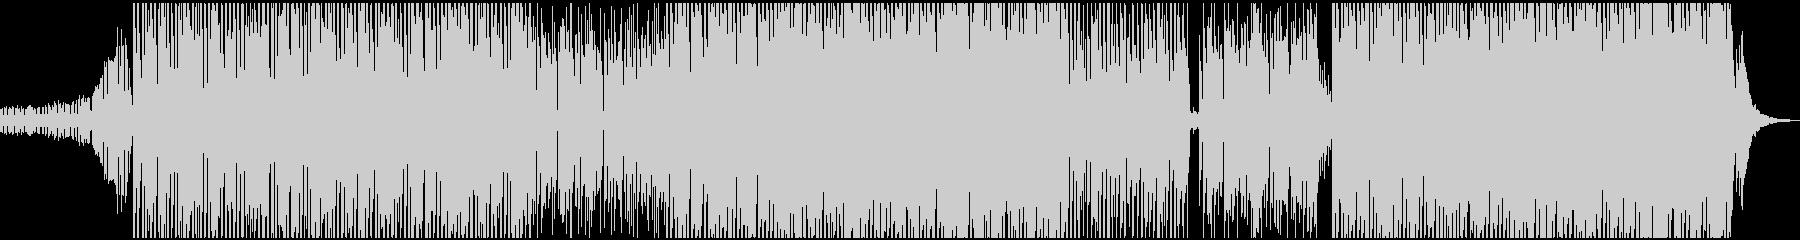 孤独な夜をイメージしたアンニュイなBGMの未再生の波形